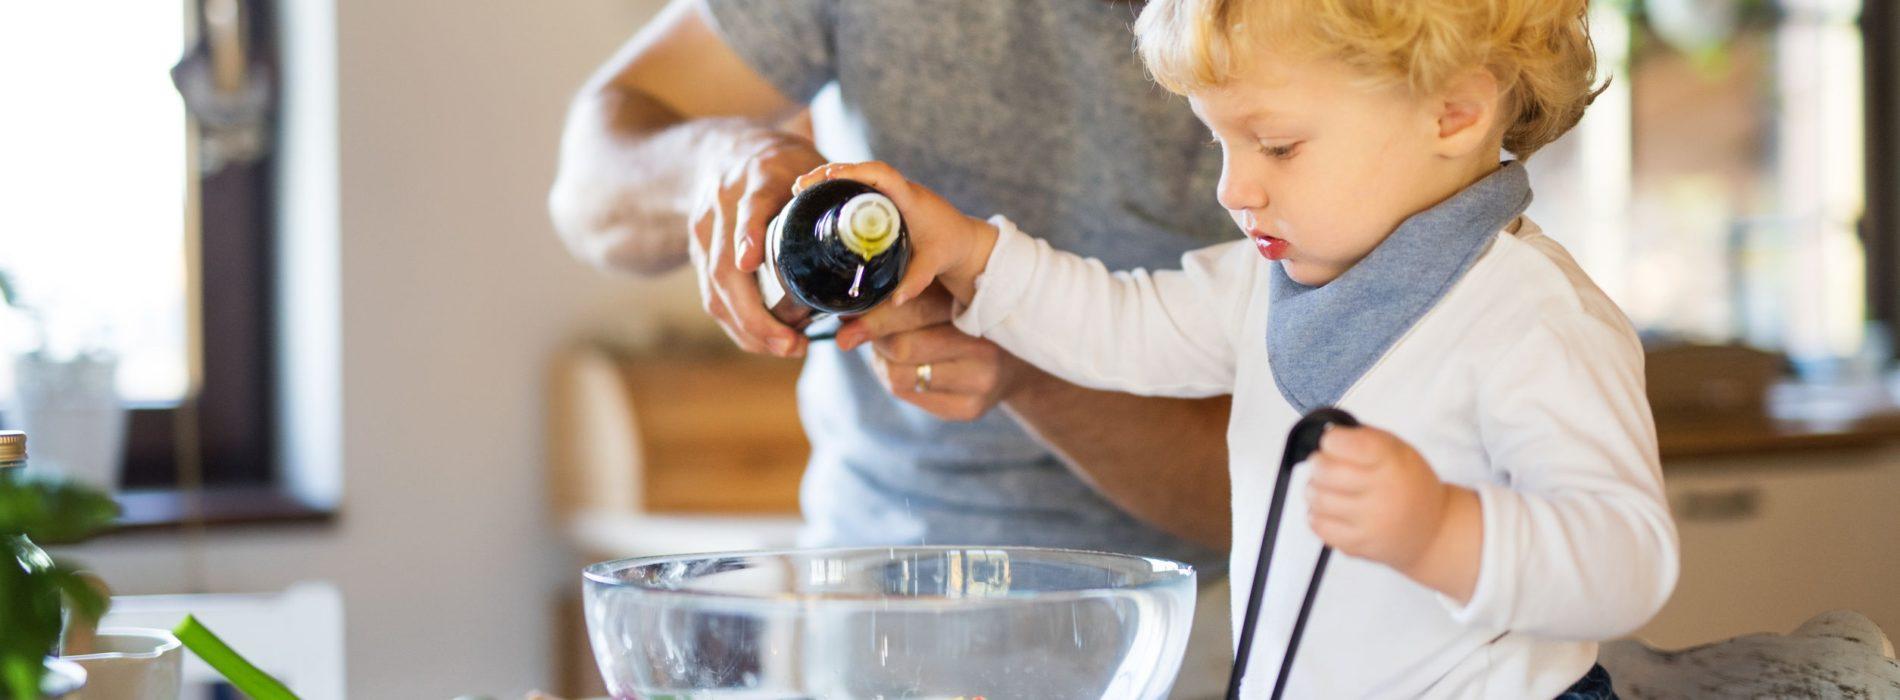 Olej rzepakowy dla niemowląt – Rola tłuszczy w diecie niemowlęcia